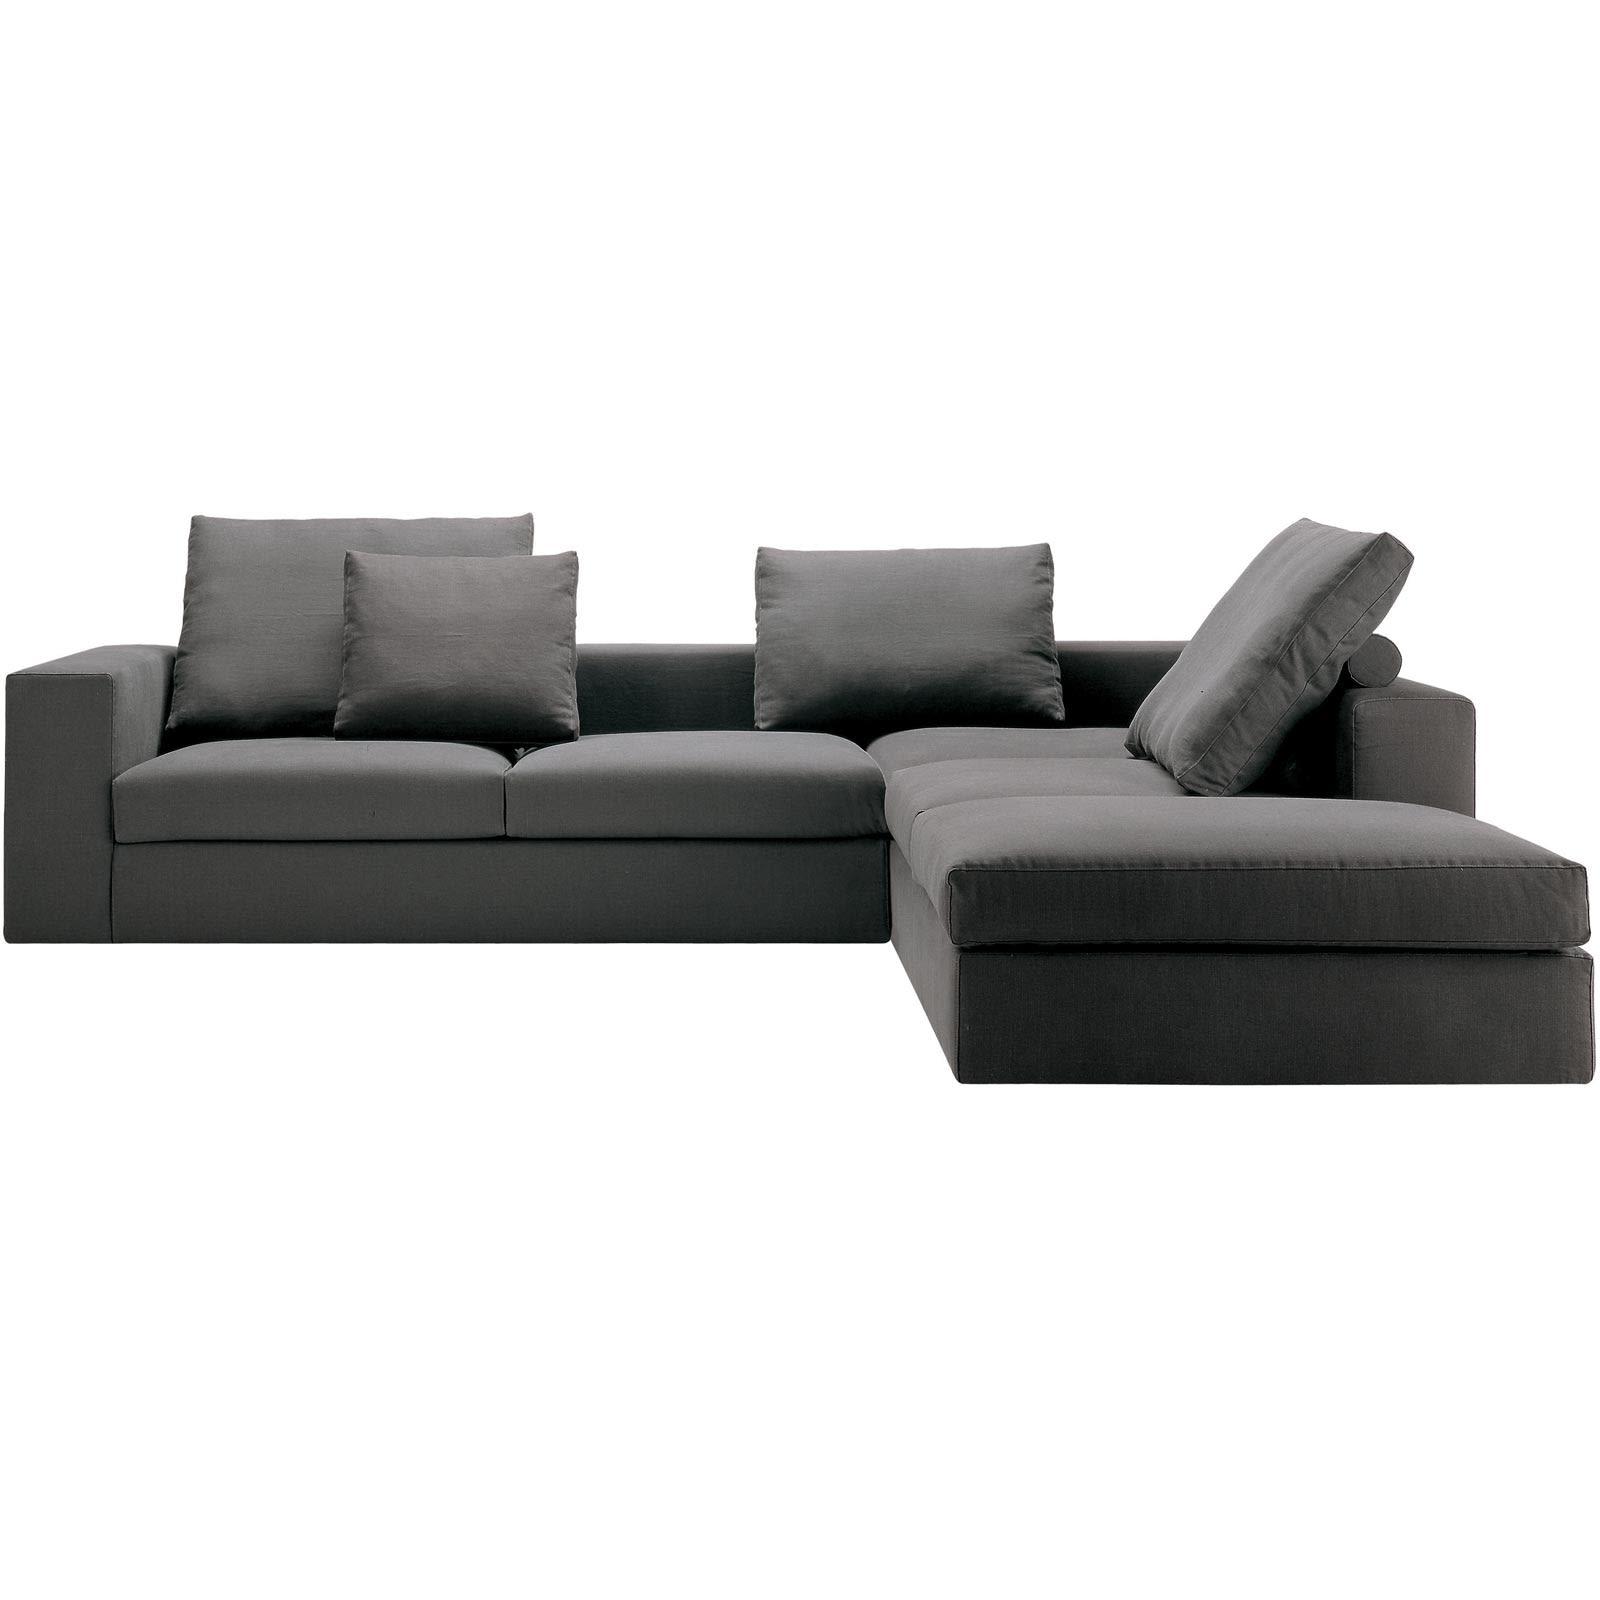 Sofaprogramm Beta von Zanotta